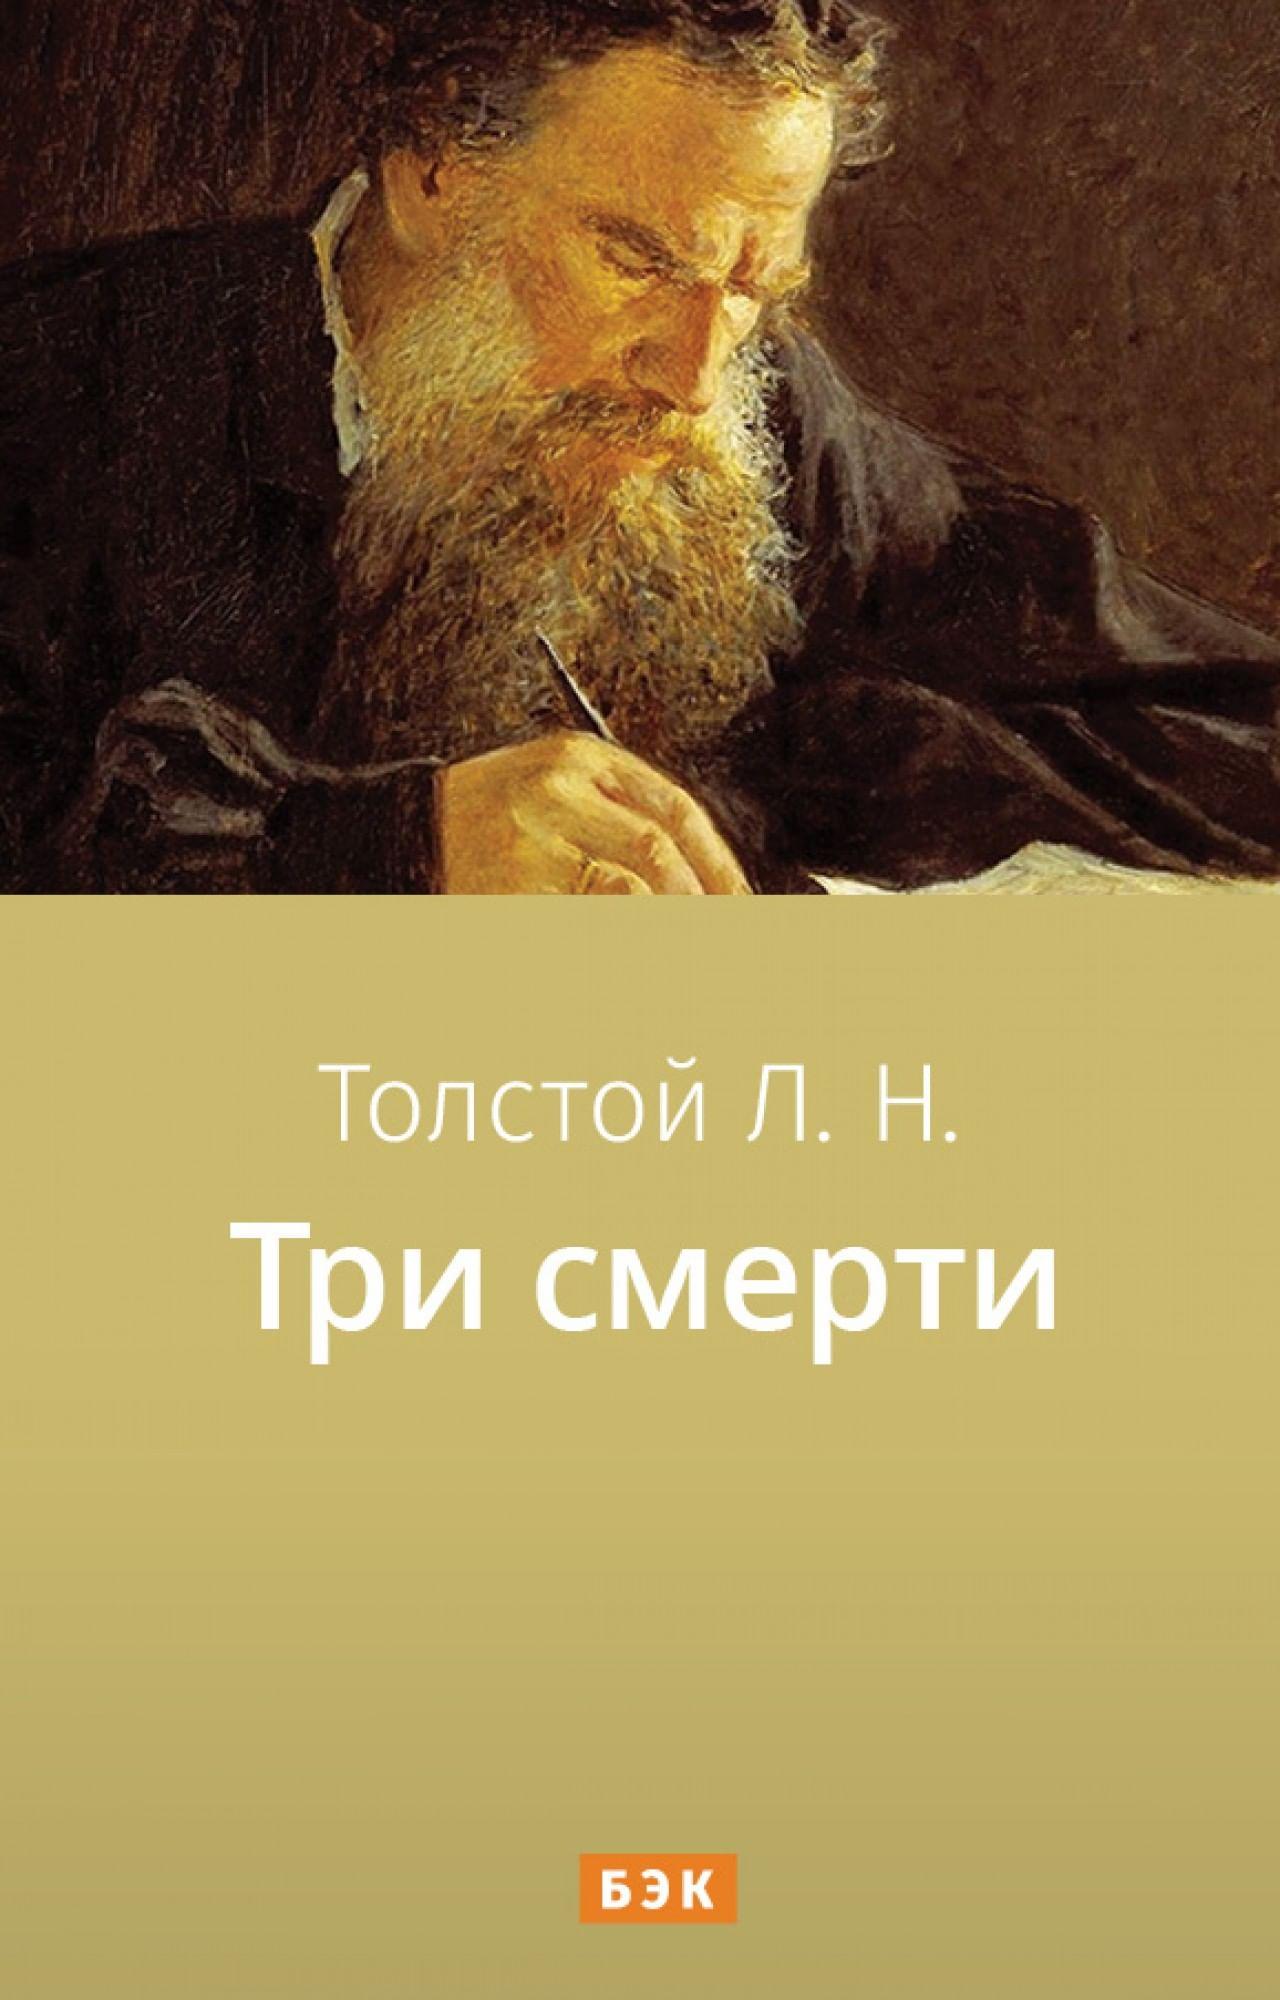 Леонид андреев бергамот и гараська скачать pdf